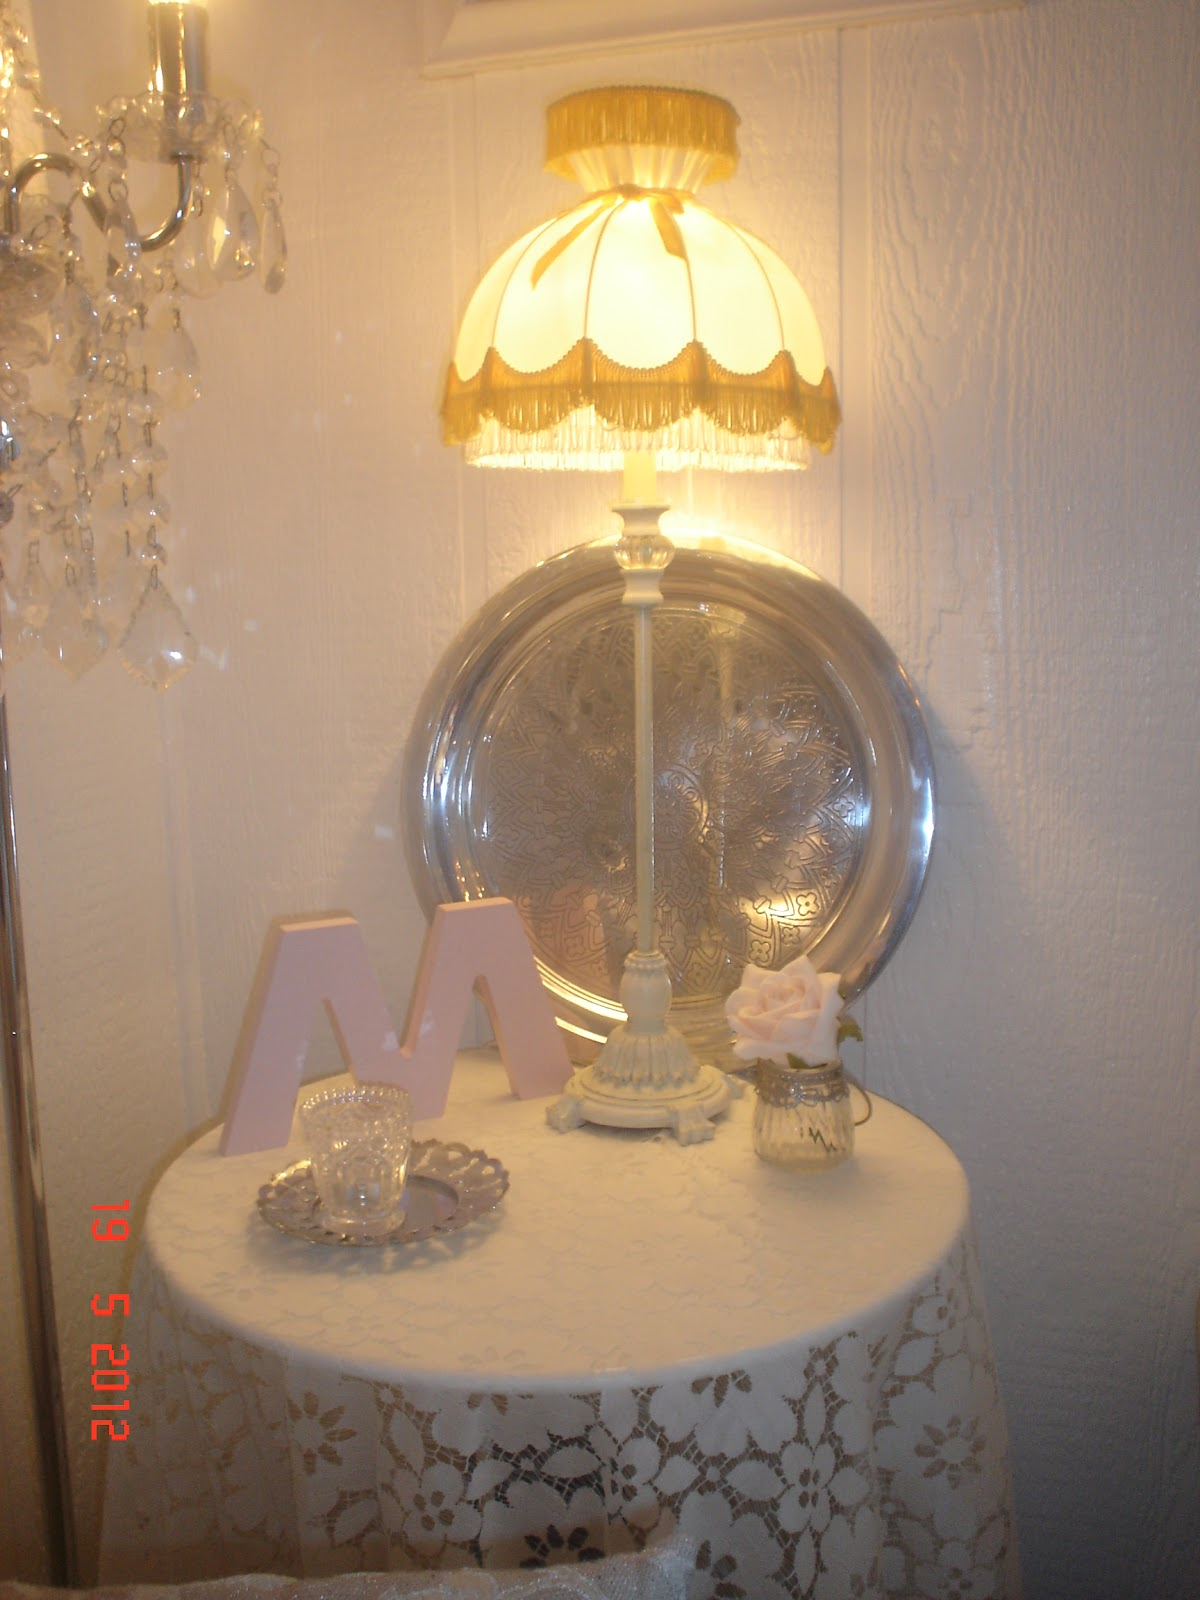 shilds villa retro lampe og rosa bokstav. Black Bedroom Furniture Sets. Home Design Ideas